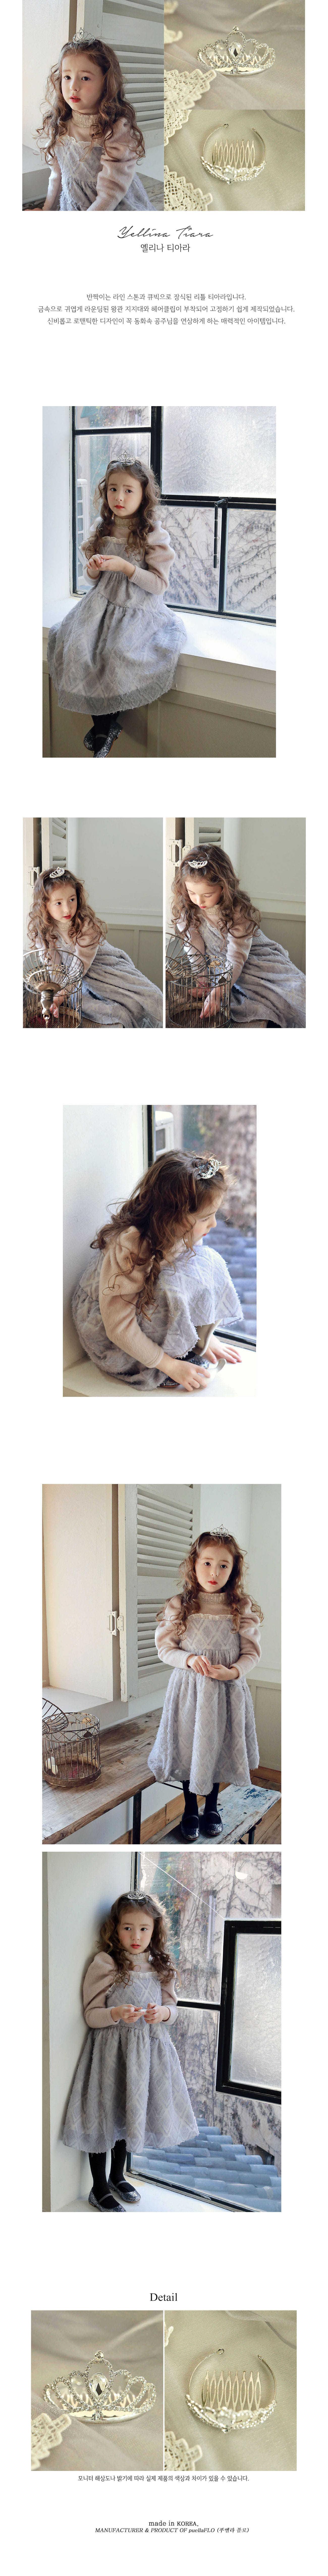 FLO - Korean Children Fashion - #Kfashion4kids - Yellina Tiara